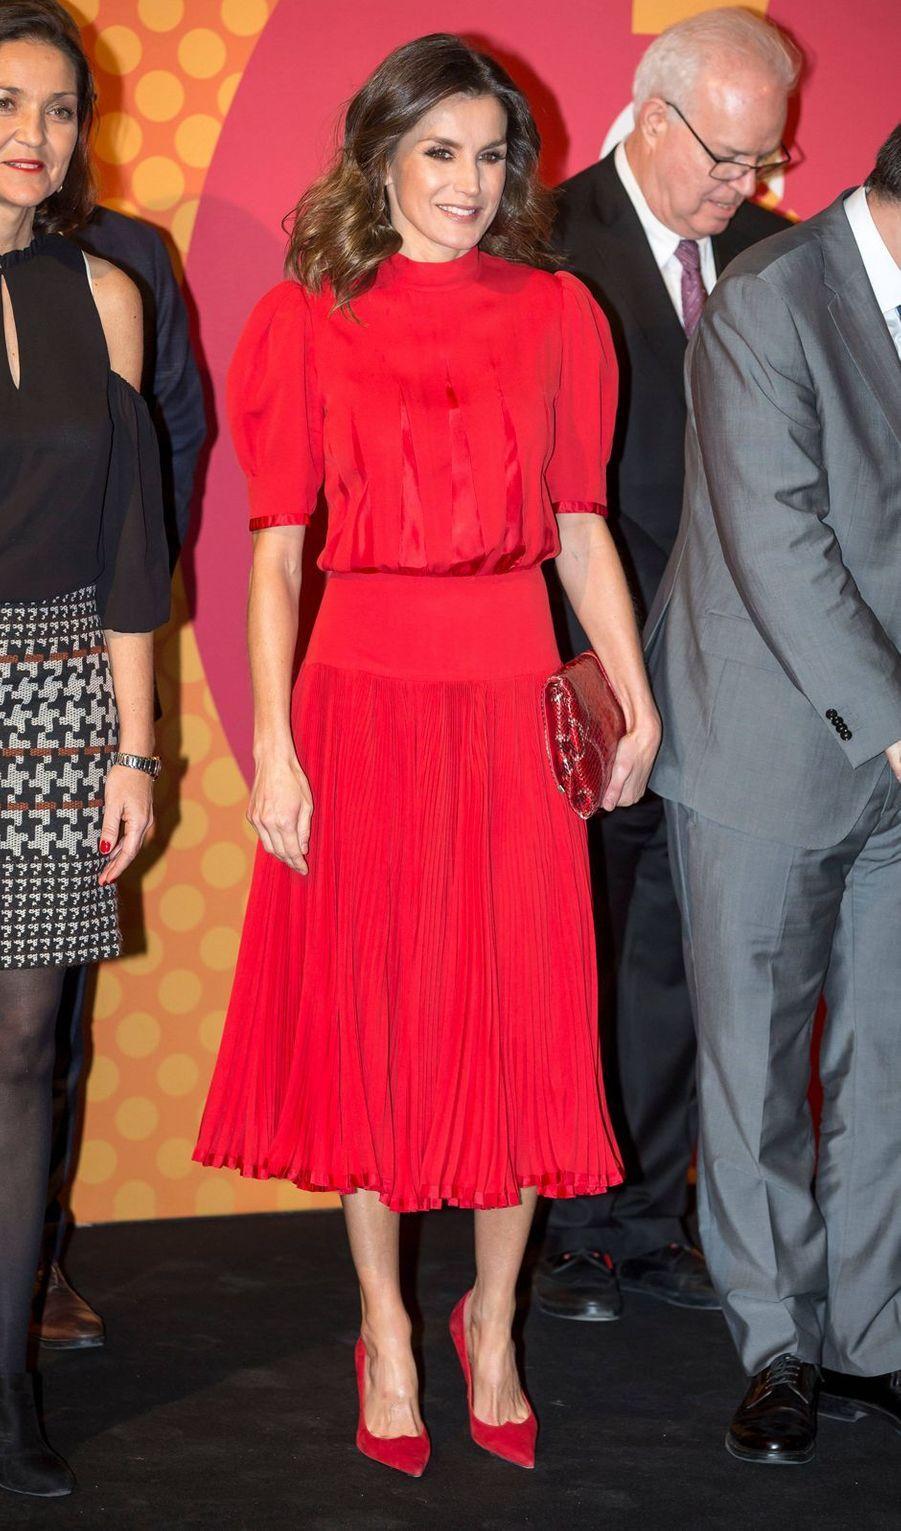 La reine Letizia d'Espagne, dans une ancienne robe portée par l'ex-reine Sofia, le 19 décembre 2018